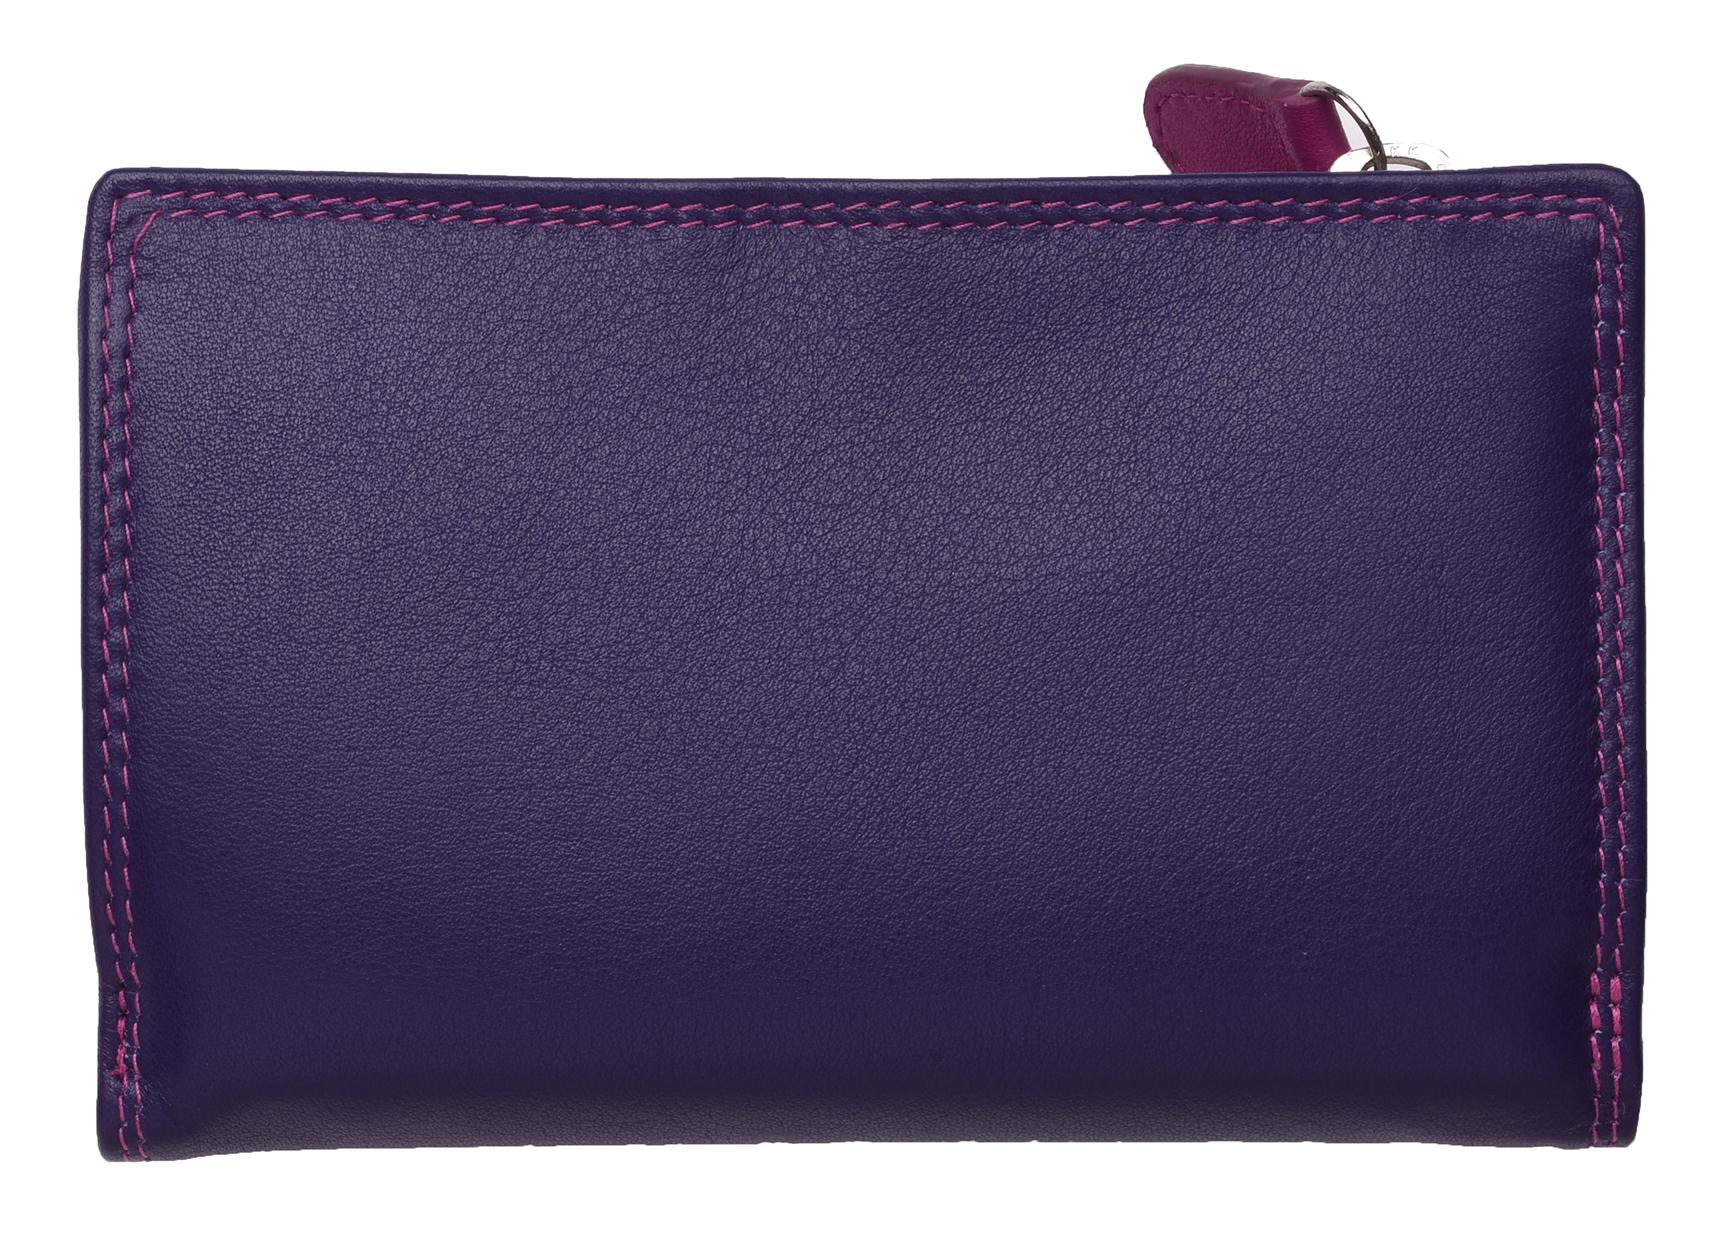 Mesdames-RFID-Bloquant-Super-Doux-Cuir-Veritable-Sac-a-Main-Portefeuille-Noir-Rose-Violet miniature 13